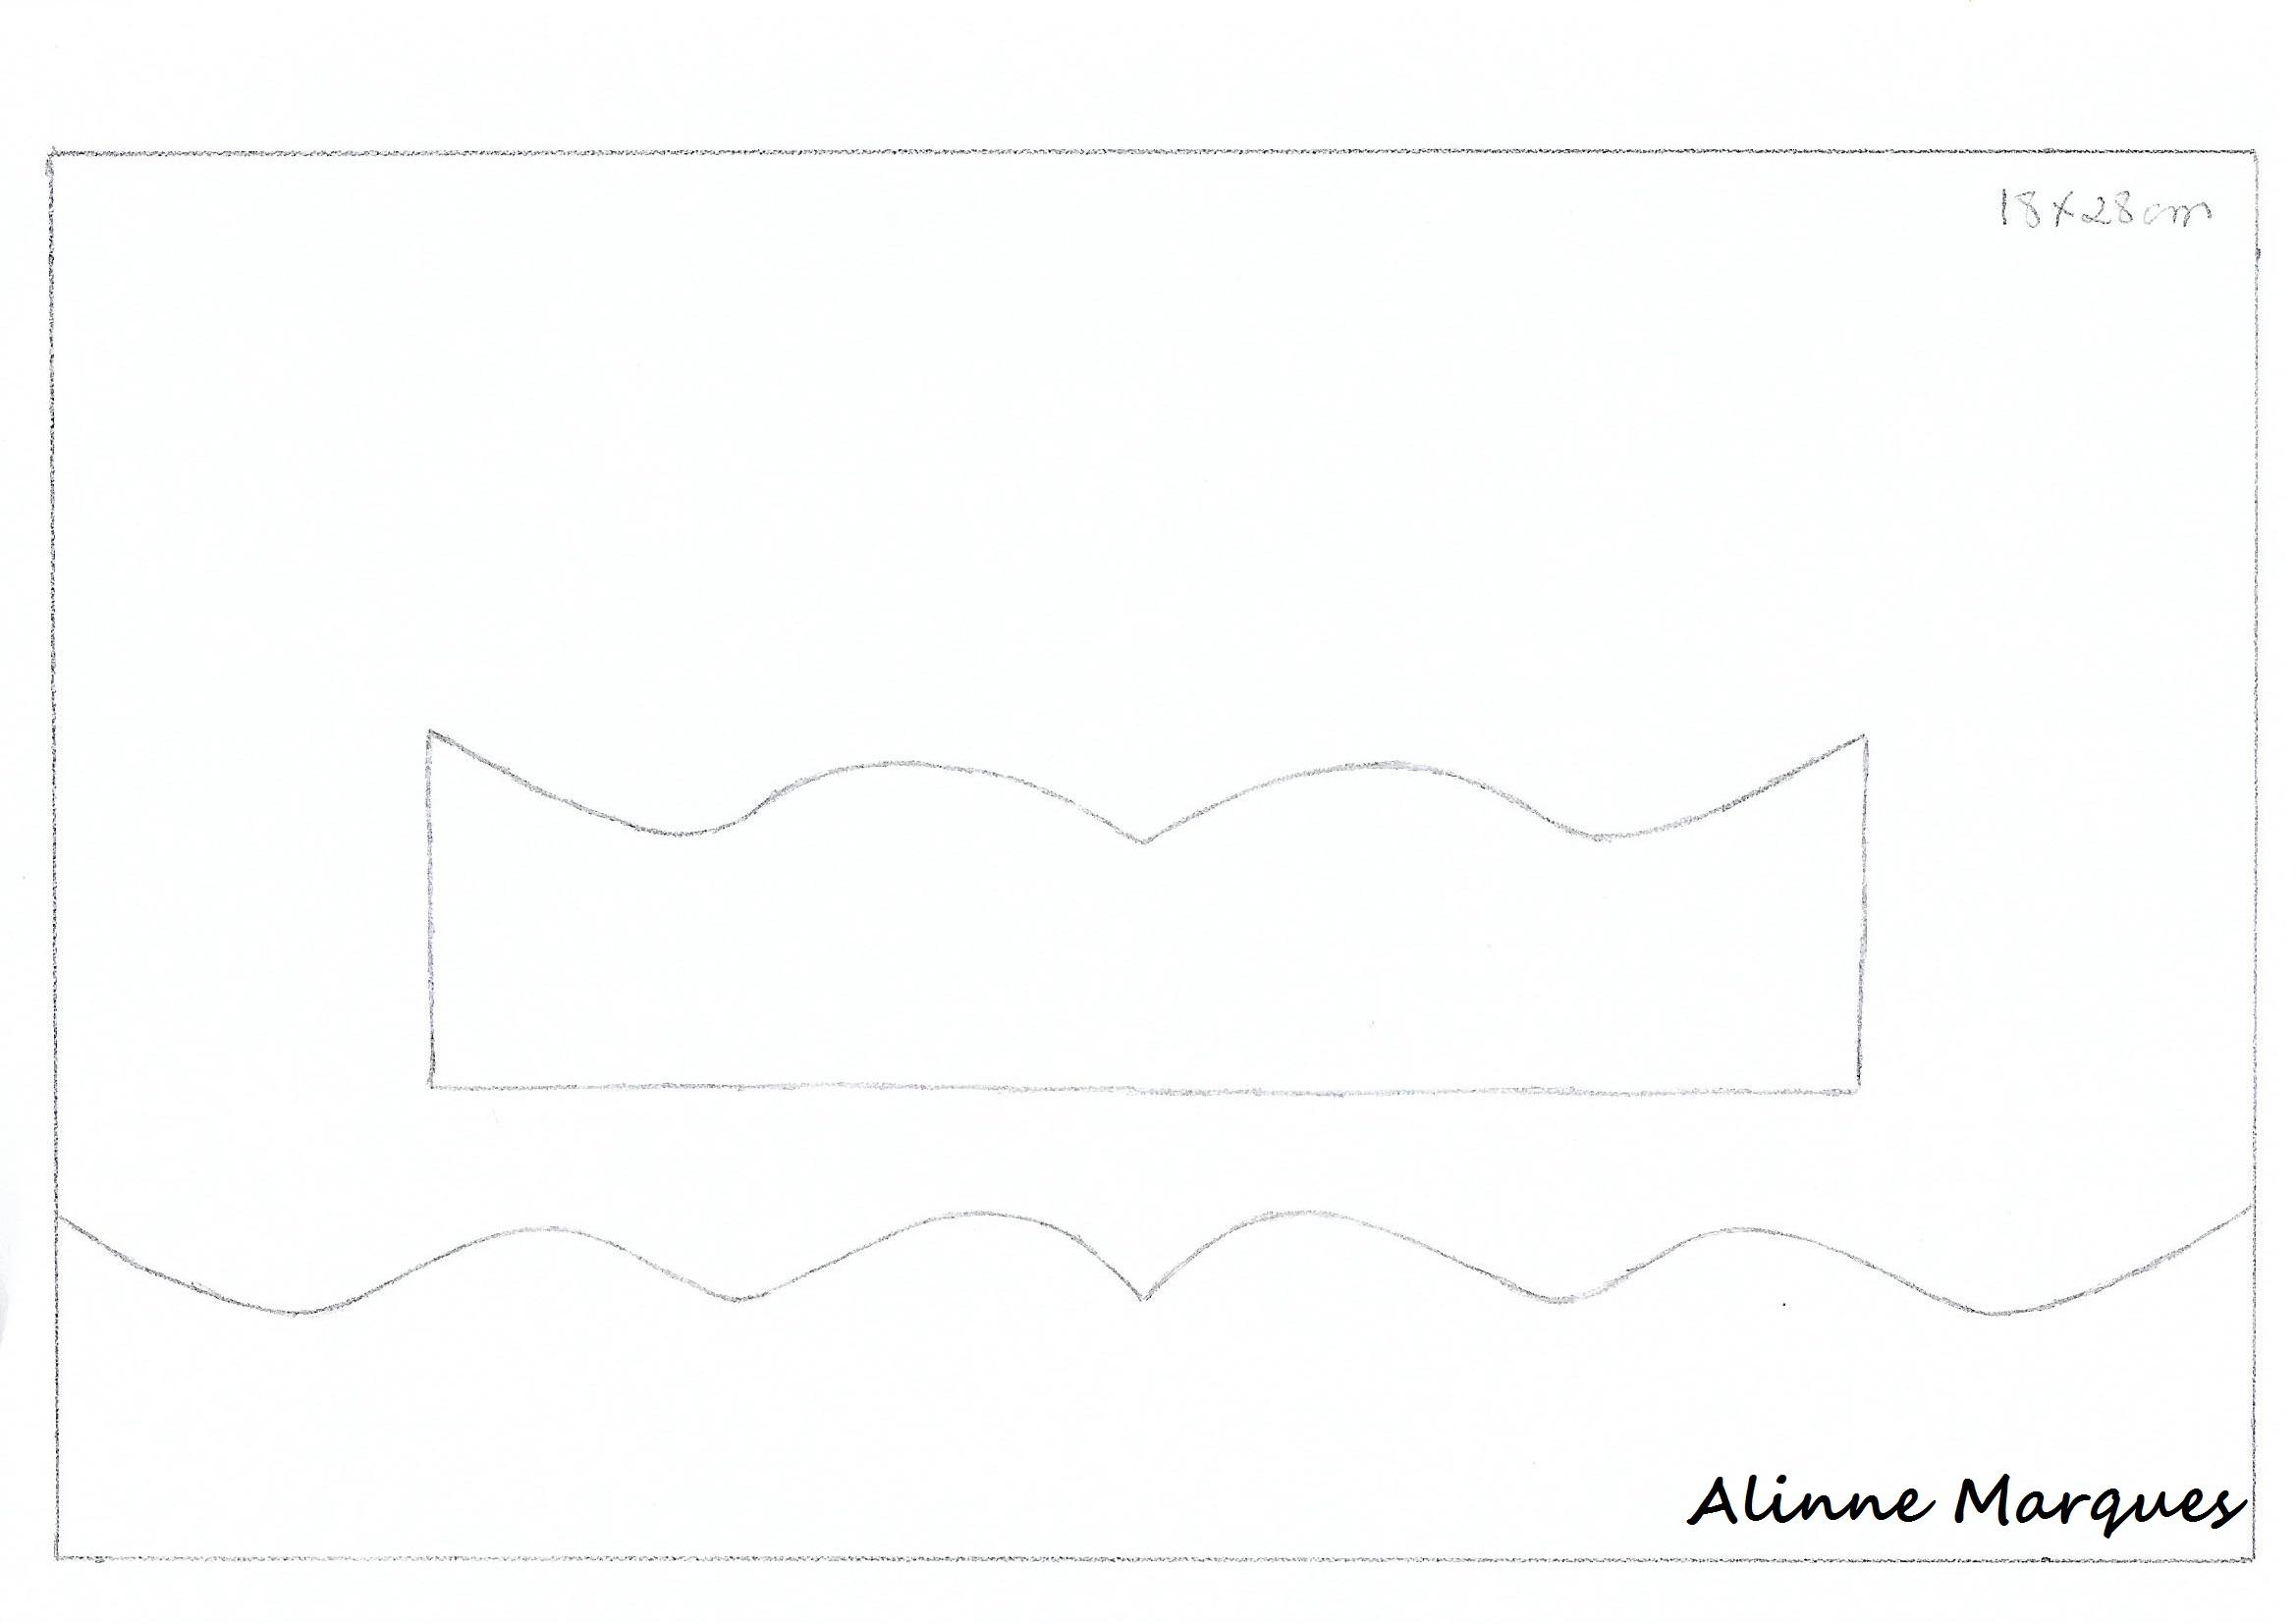 Fabuloso Bandeja de papelão – Artesanato – Passo a passo | Alinne's World NW24